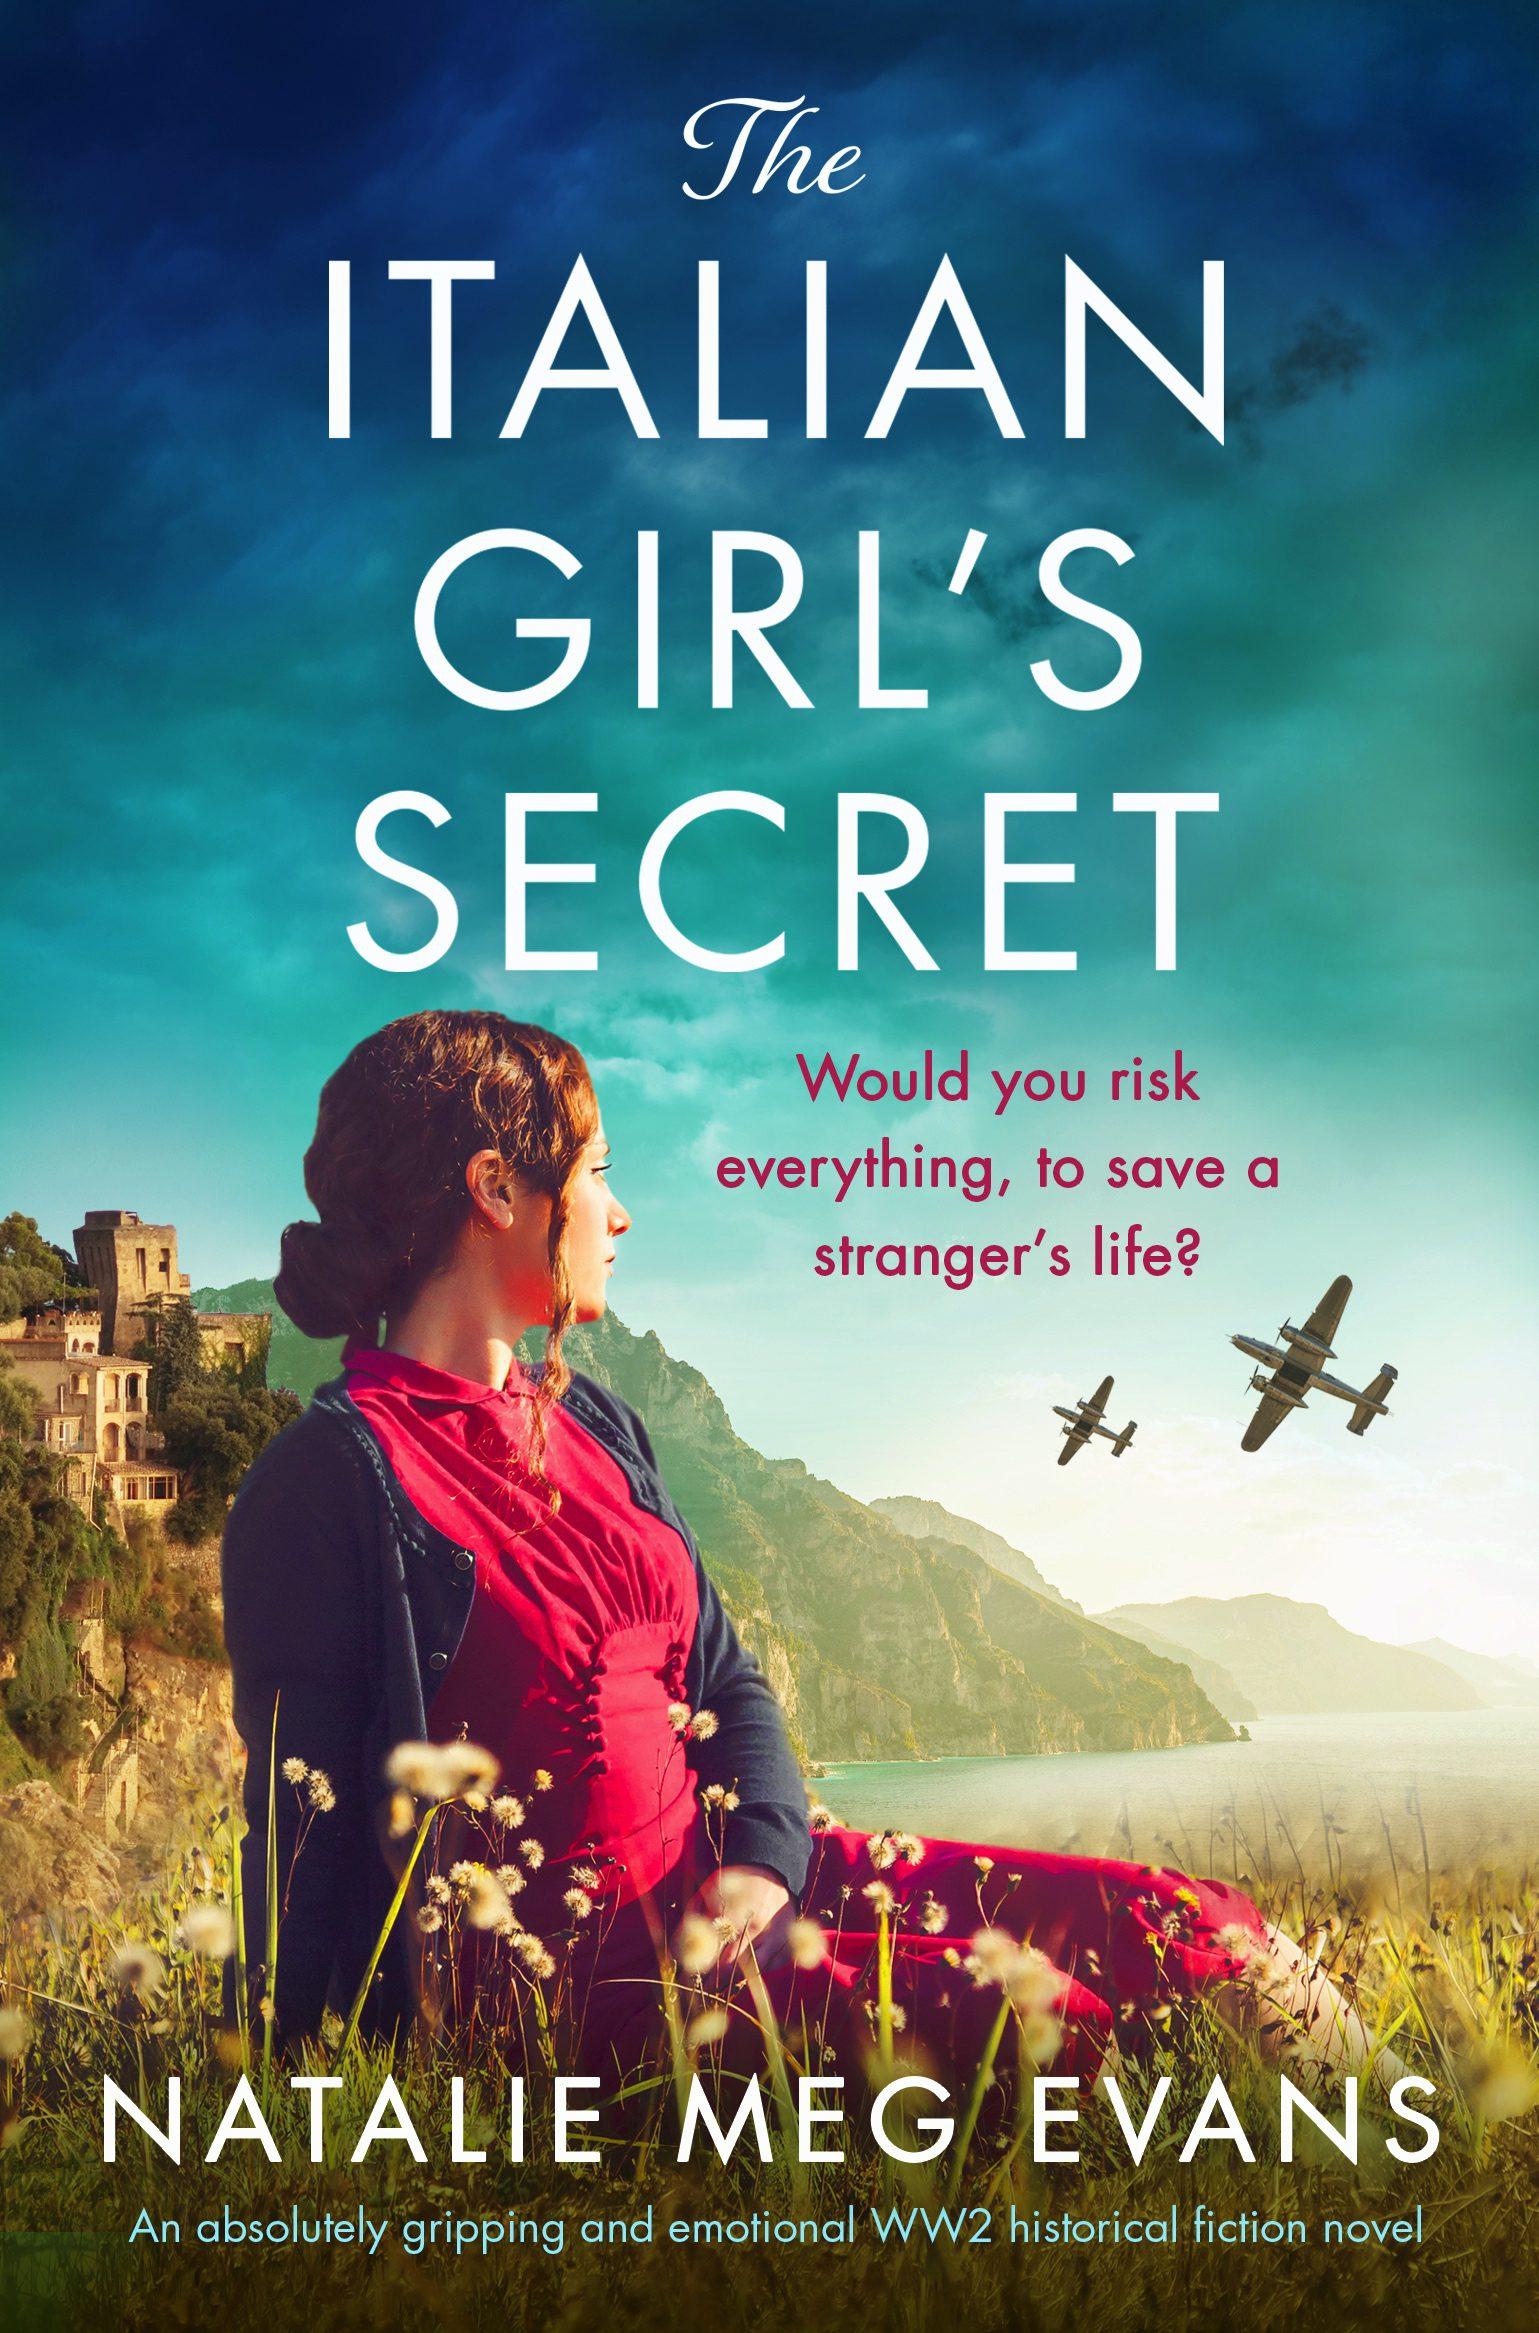 The Italian Girl's Secret book cover